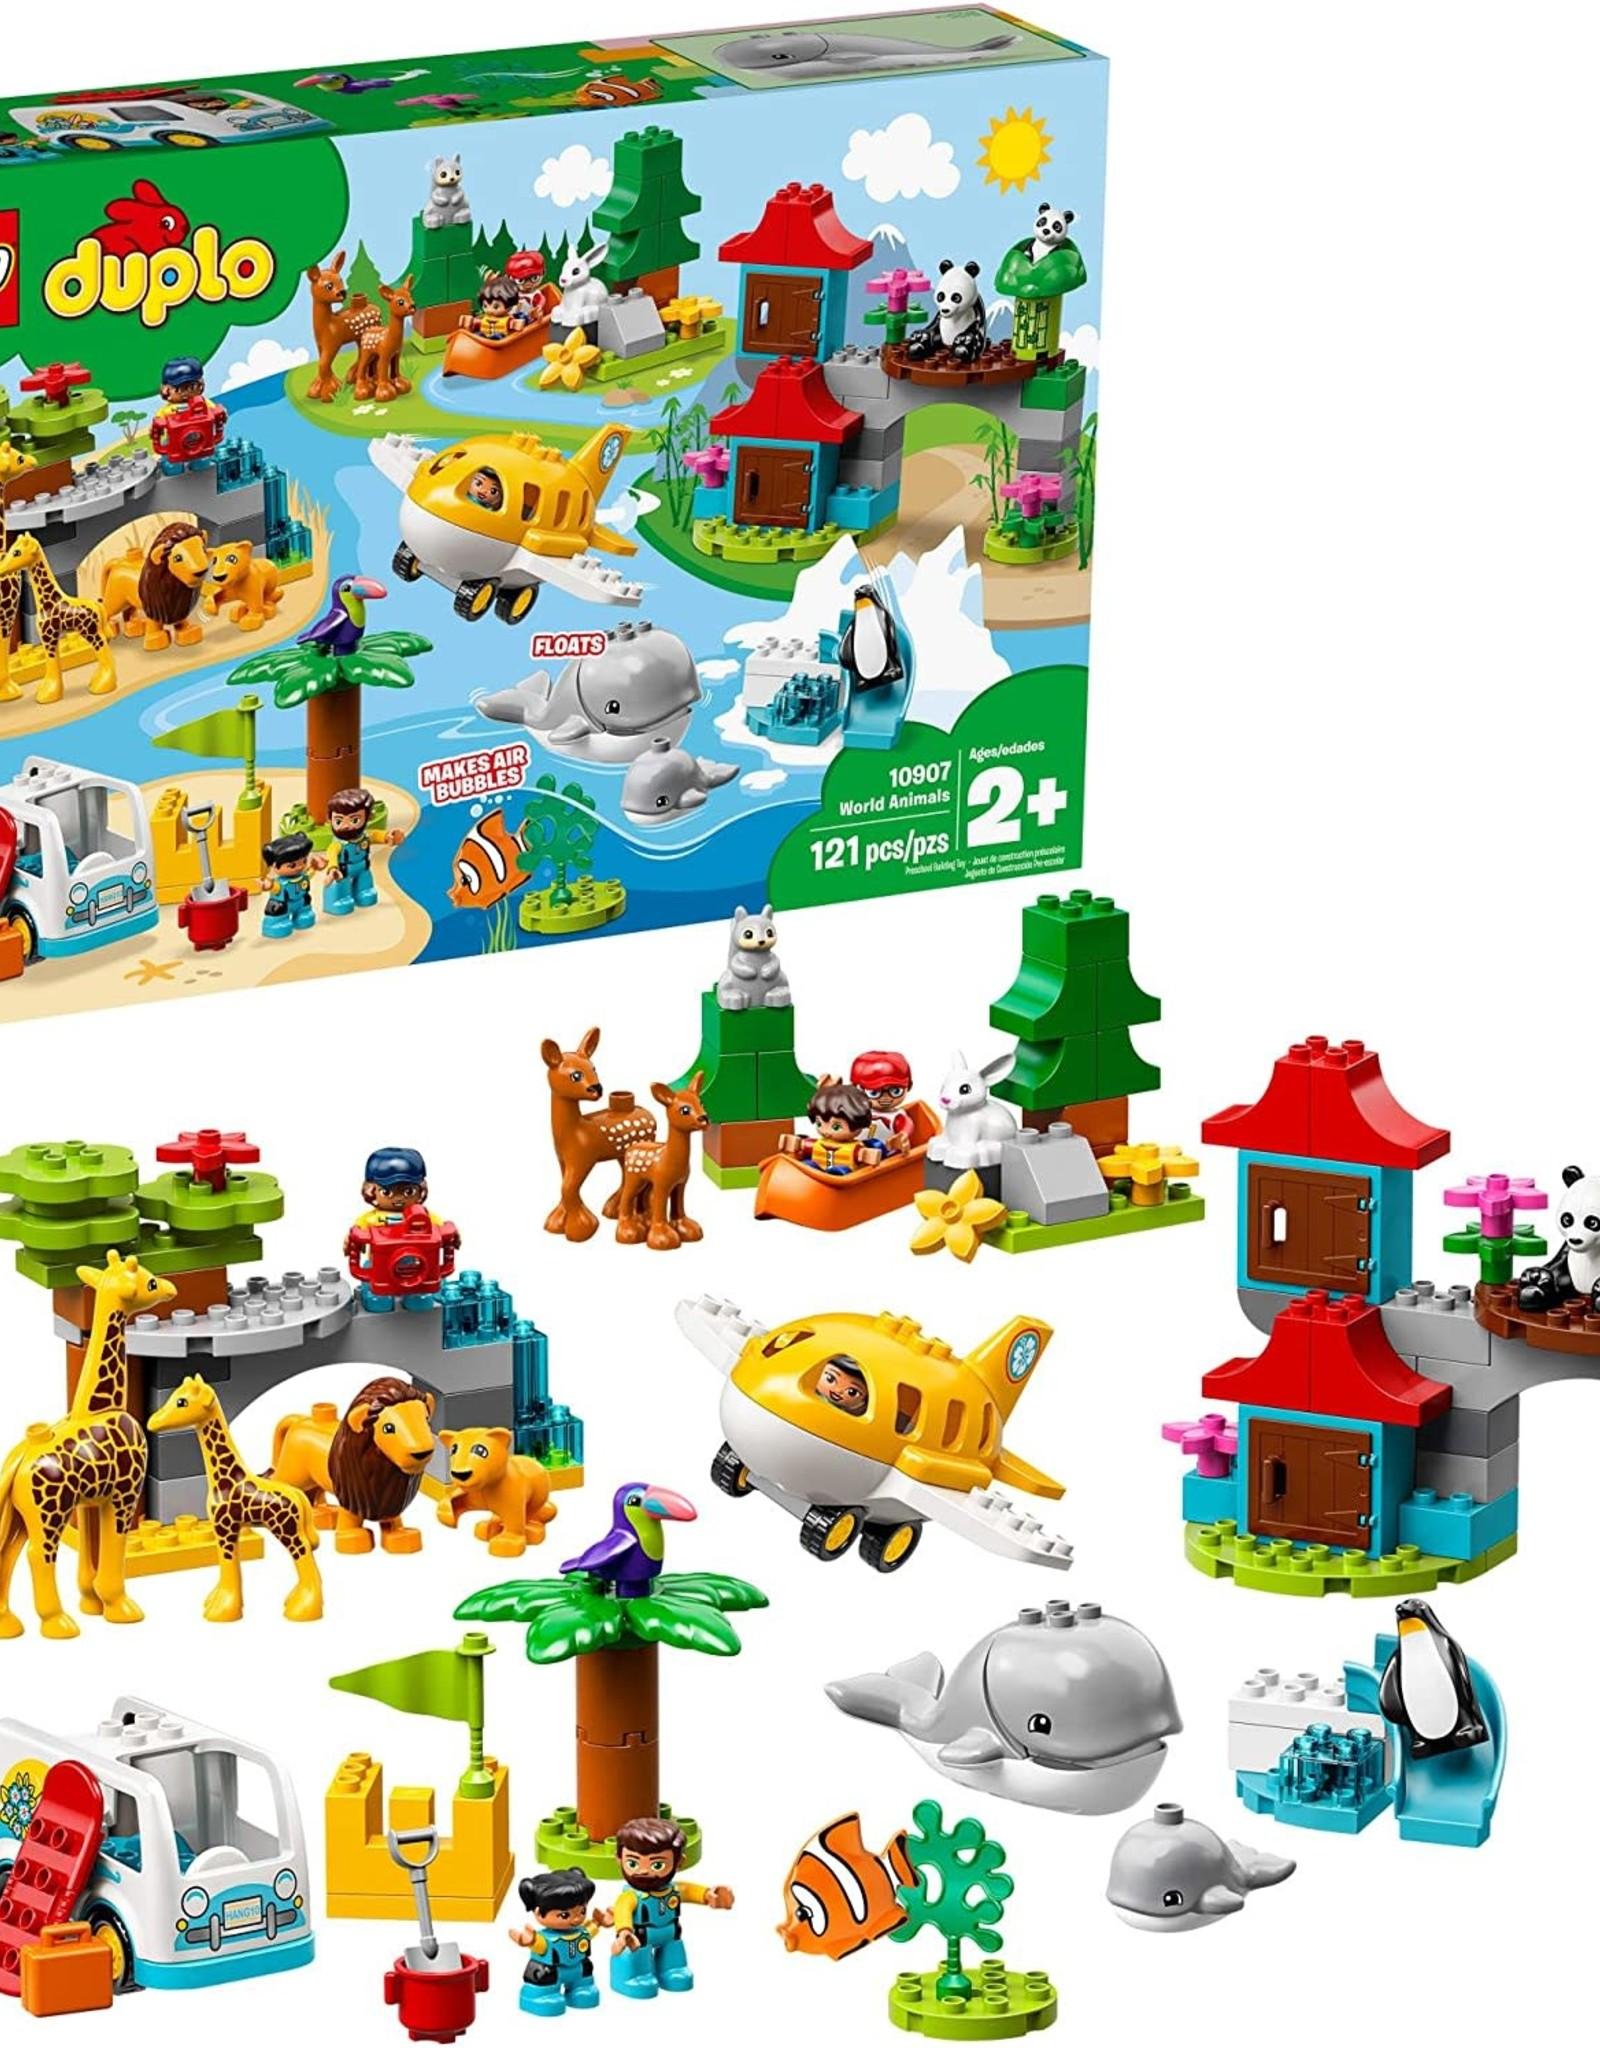 LEGO 10907 World Animals V39